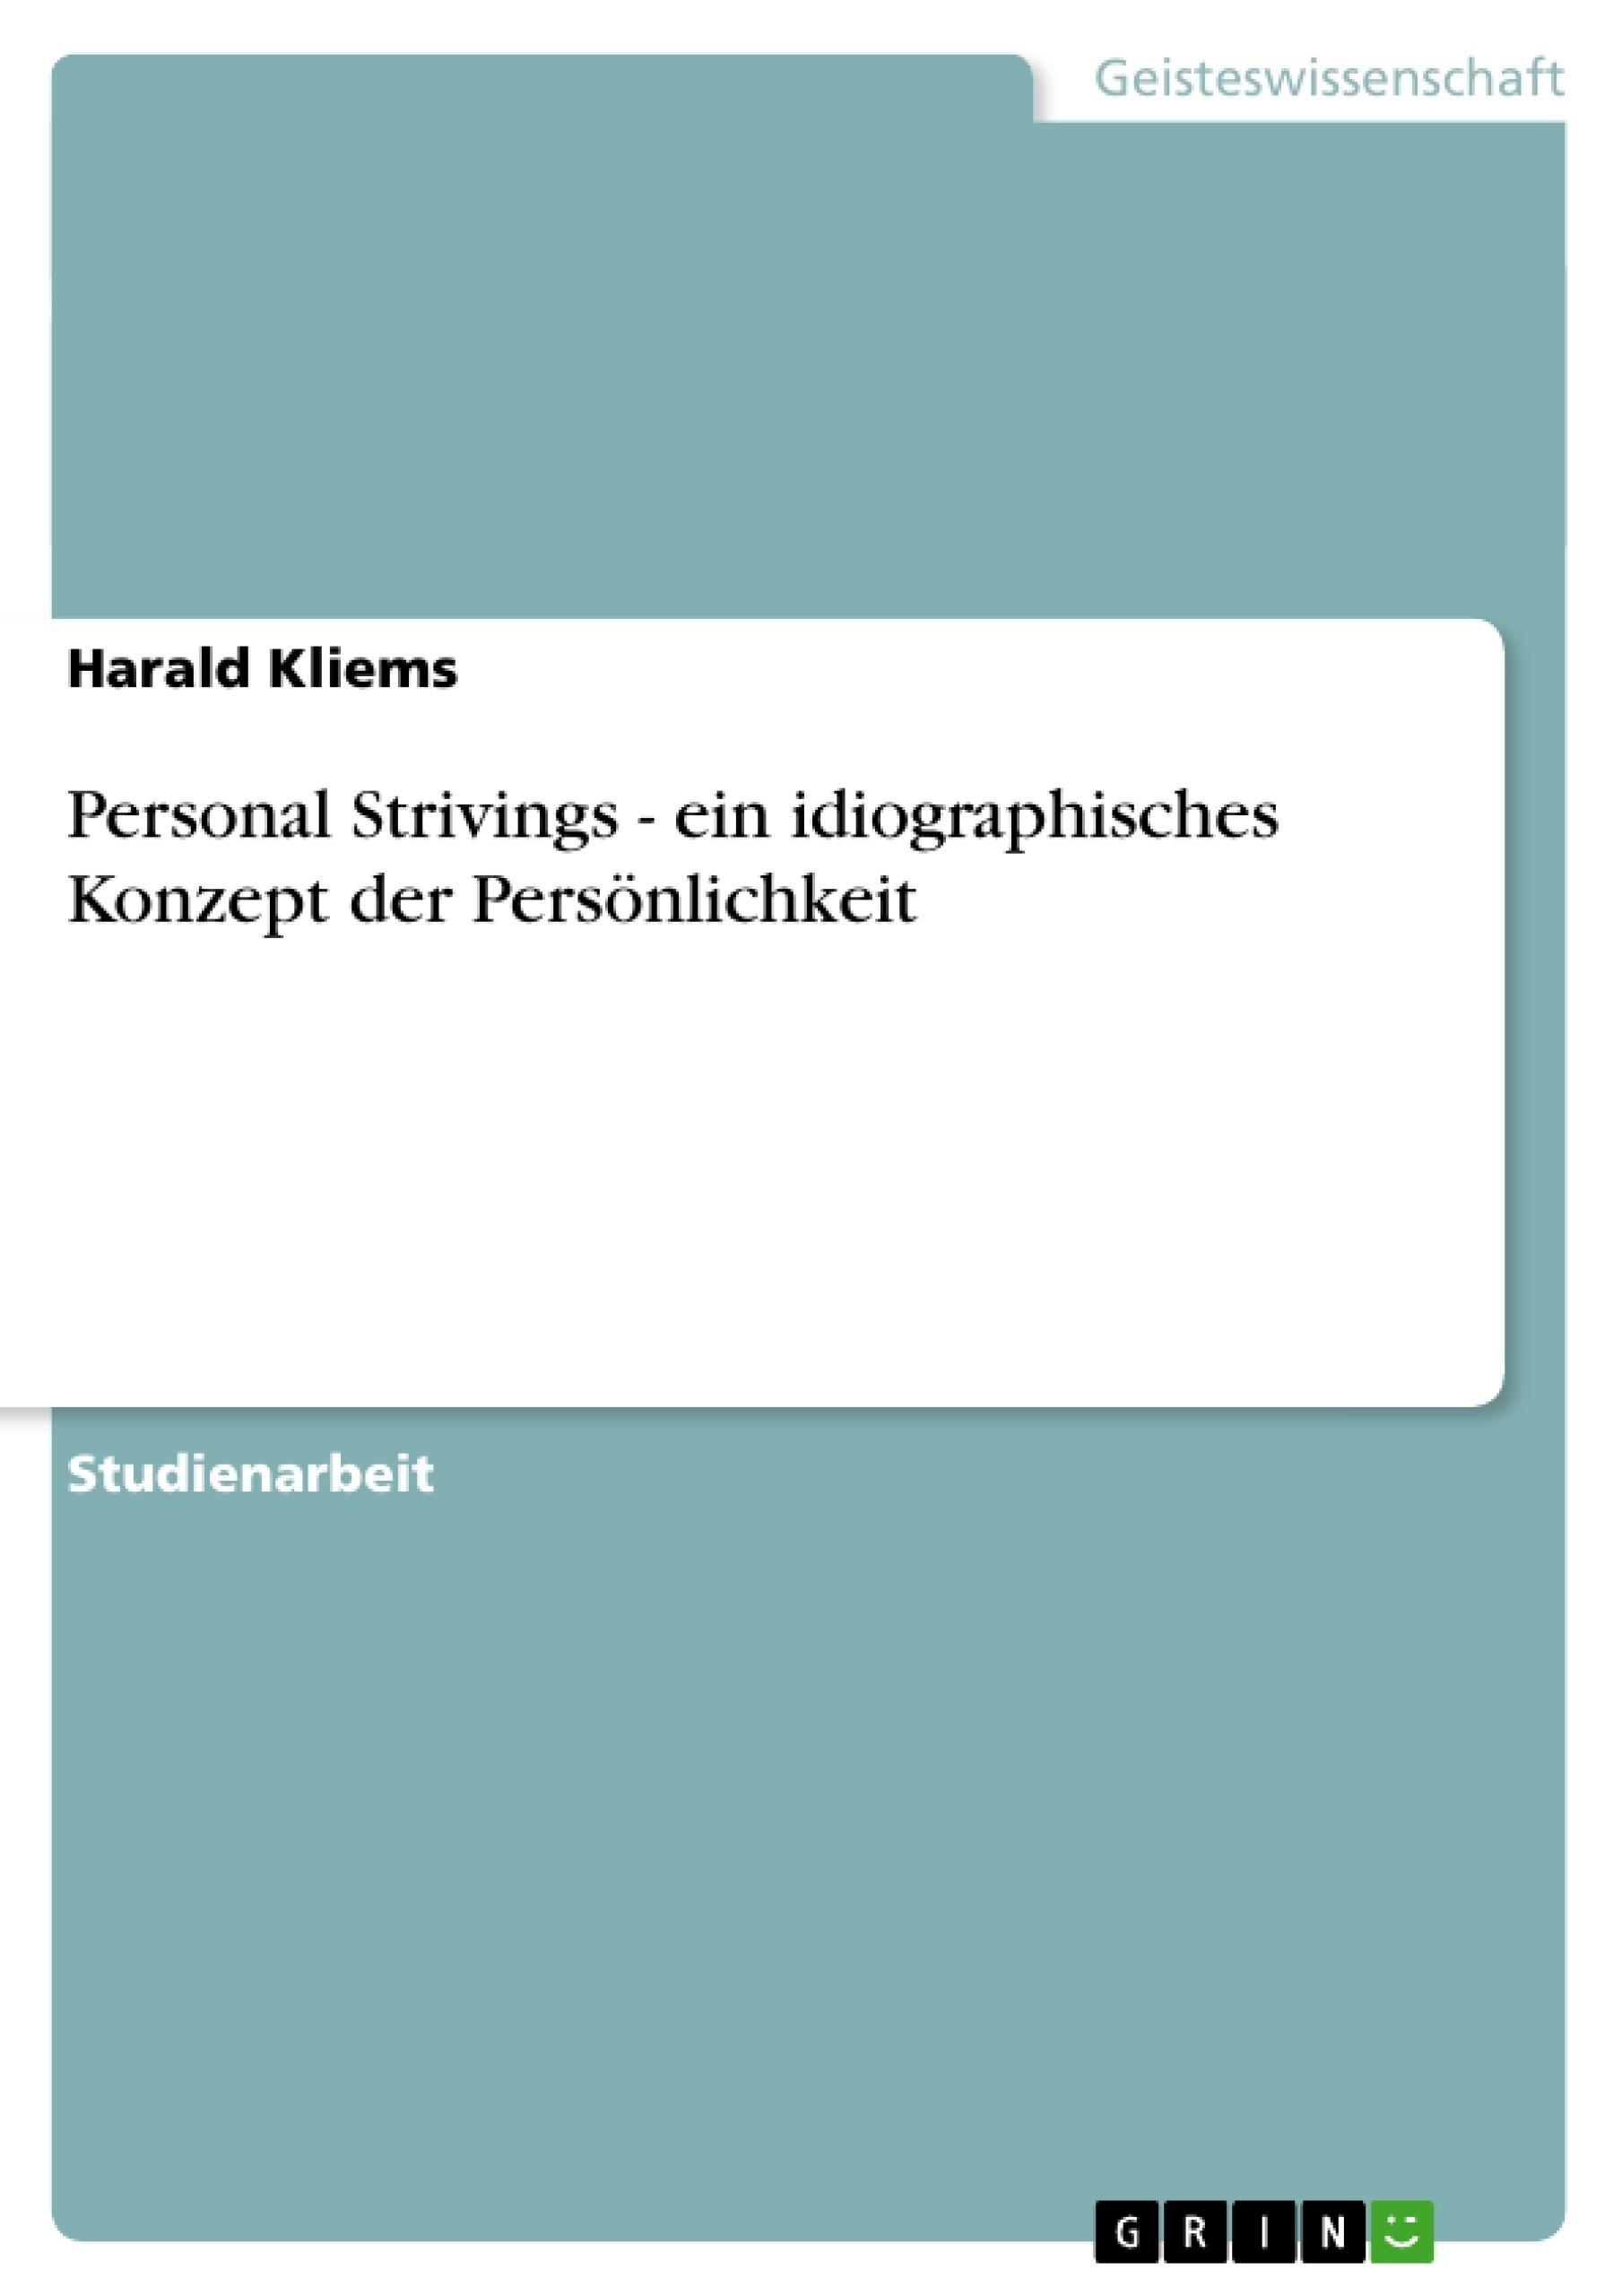 Titel: Personal Strivings - ein idiographisches Konzept der Persönlichkeit